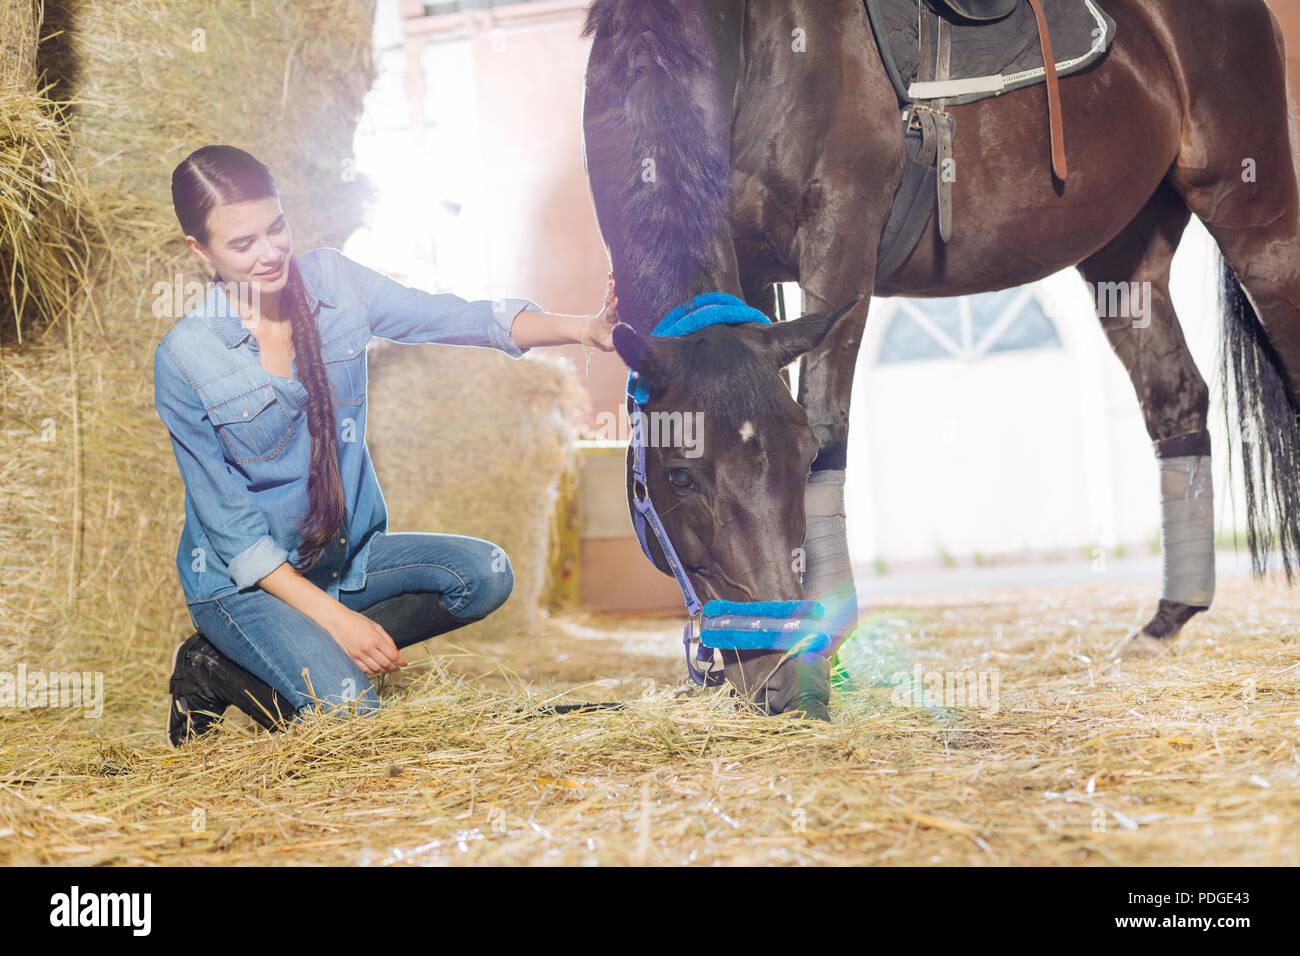 Reiterin trägt denim Kleidung Streichelzoo schöne dunkle Pferd Stockbild